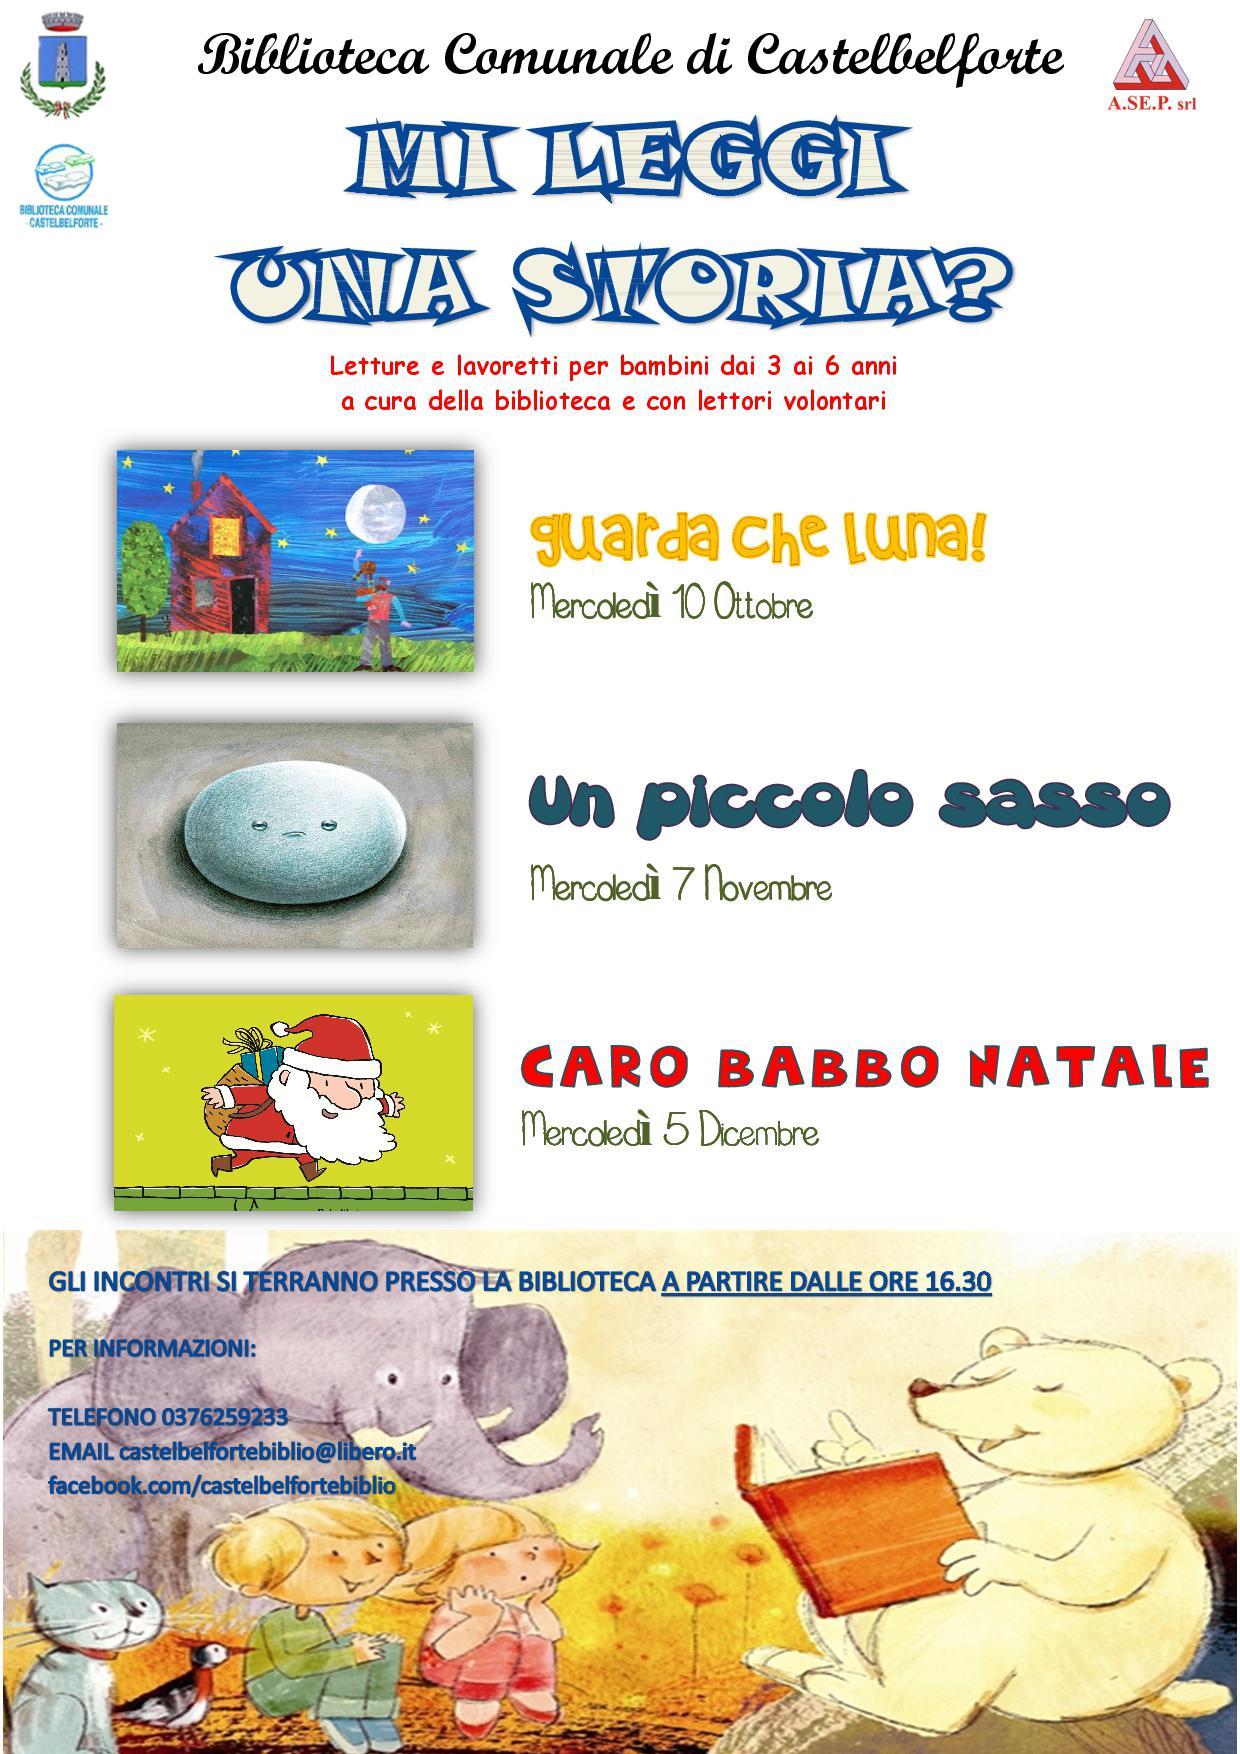 Mi Leggi Una Storia Letture E Lavoretti Per Bambini Dai 3 Ai 6